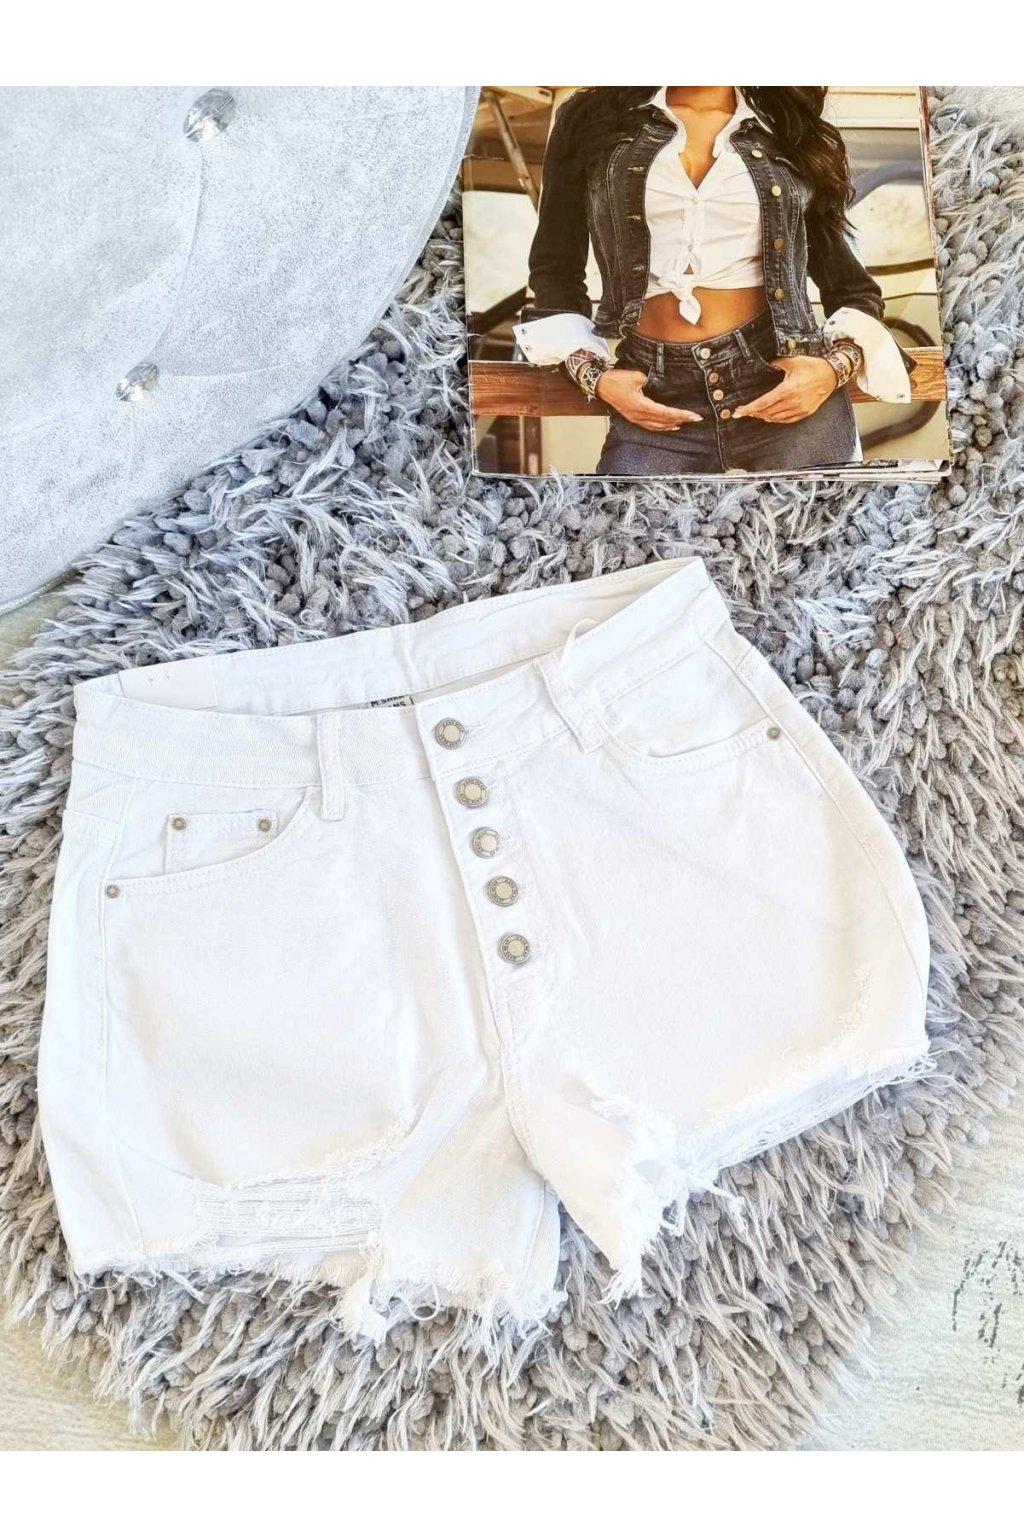 dámské džínové kratasy bílé trendy elastické